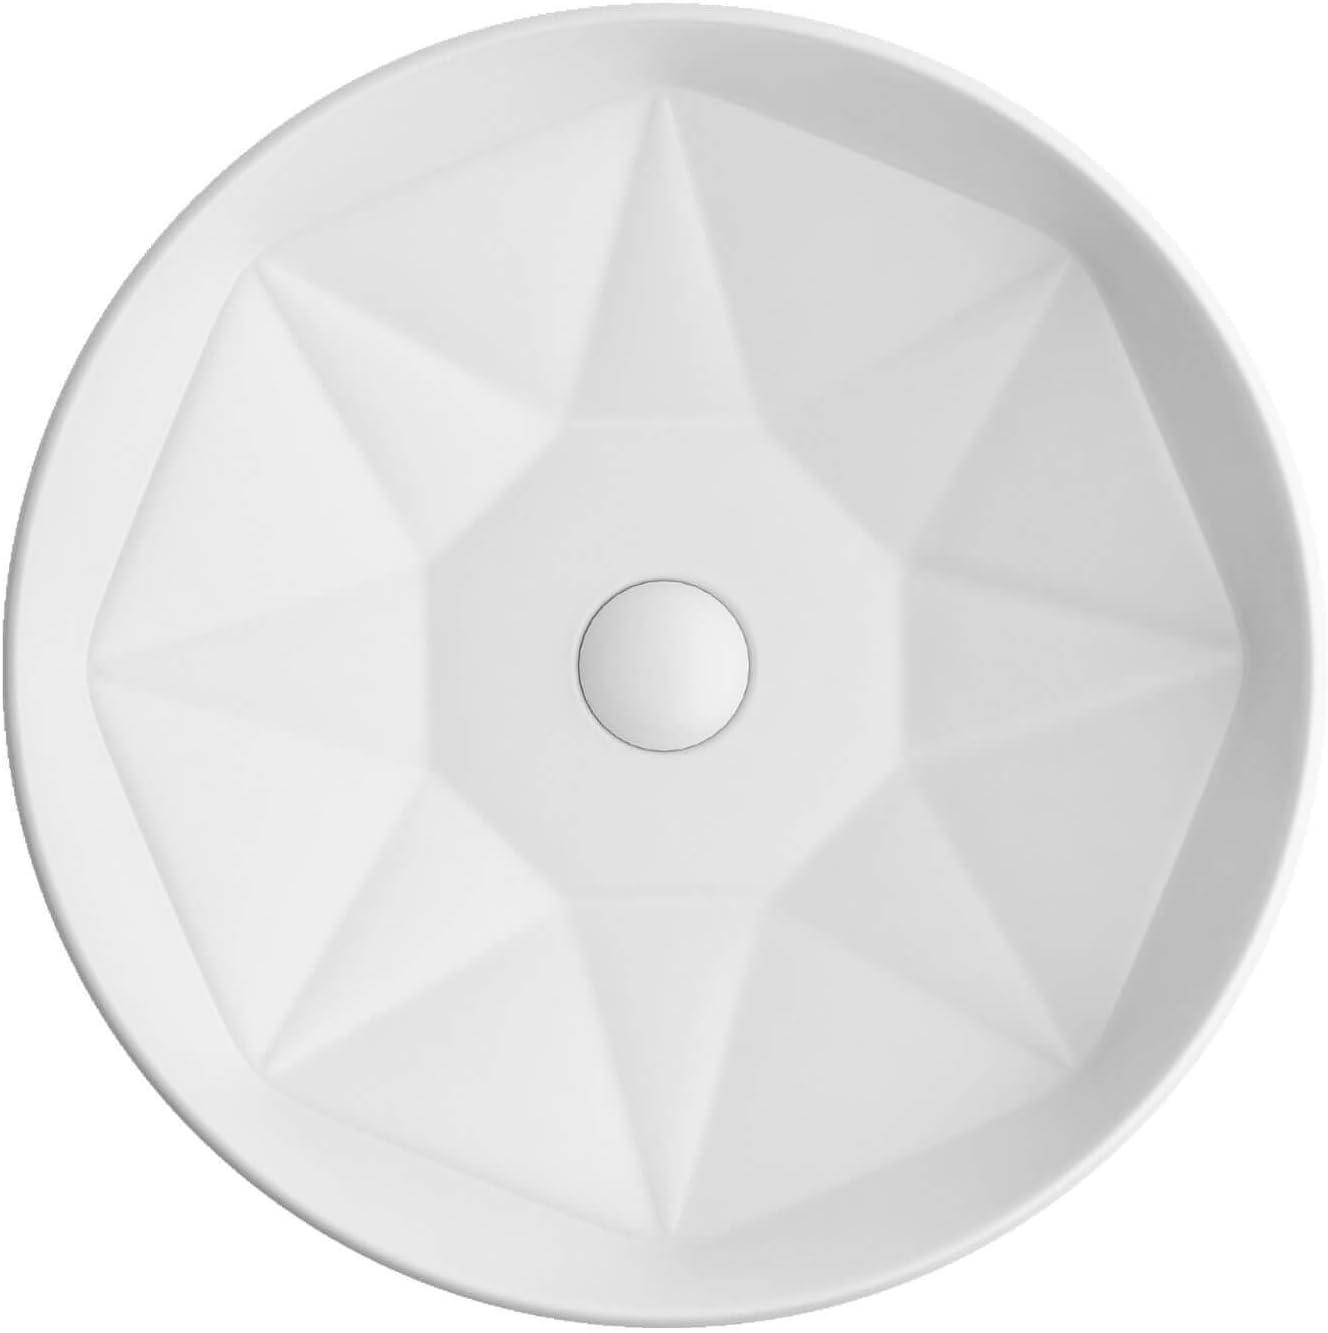 Lucco Lavabo sobre encimera ovalado | Lavabo redondo | Diseño moderno de cerámica | Lavabo de pared sin rebosadero 40 cm | Lavabo de invitados WC | Blanco